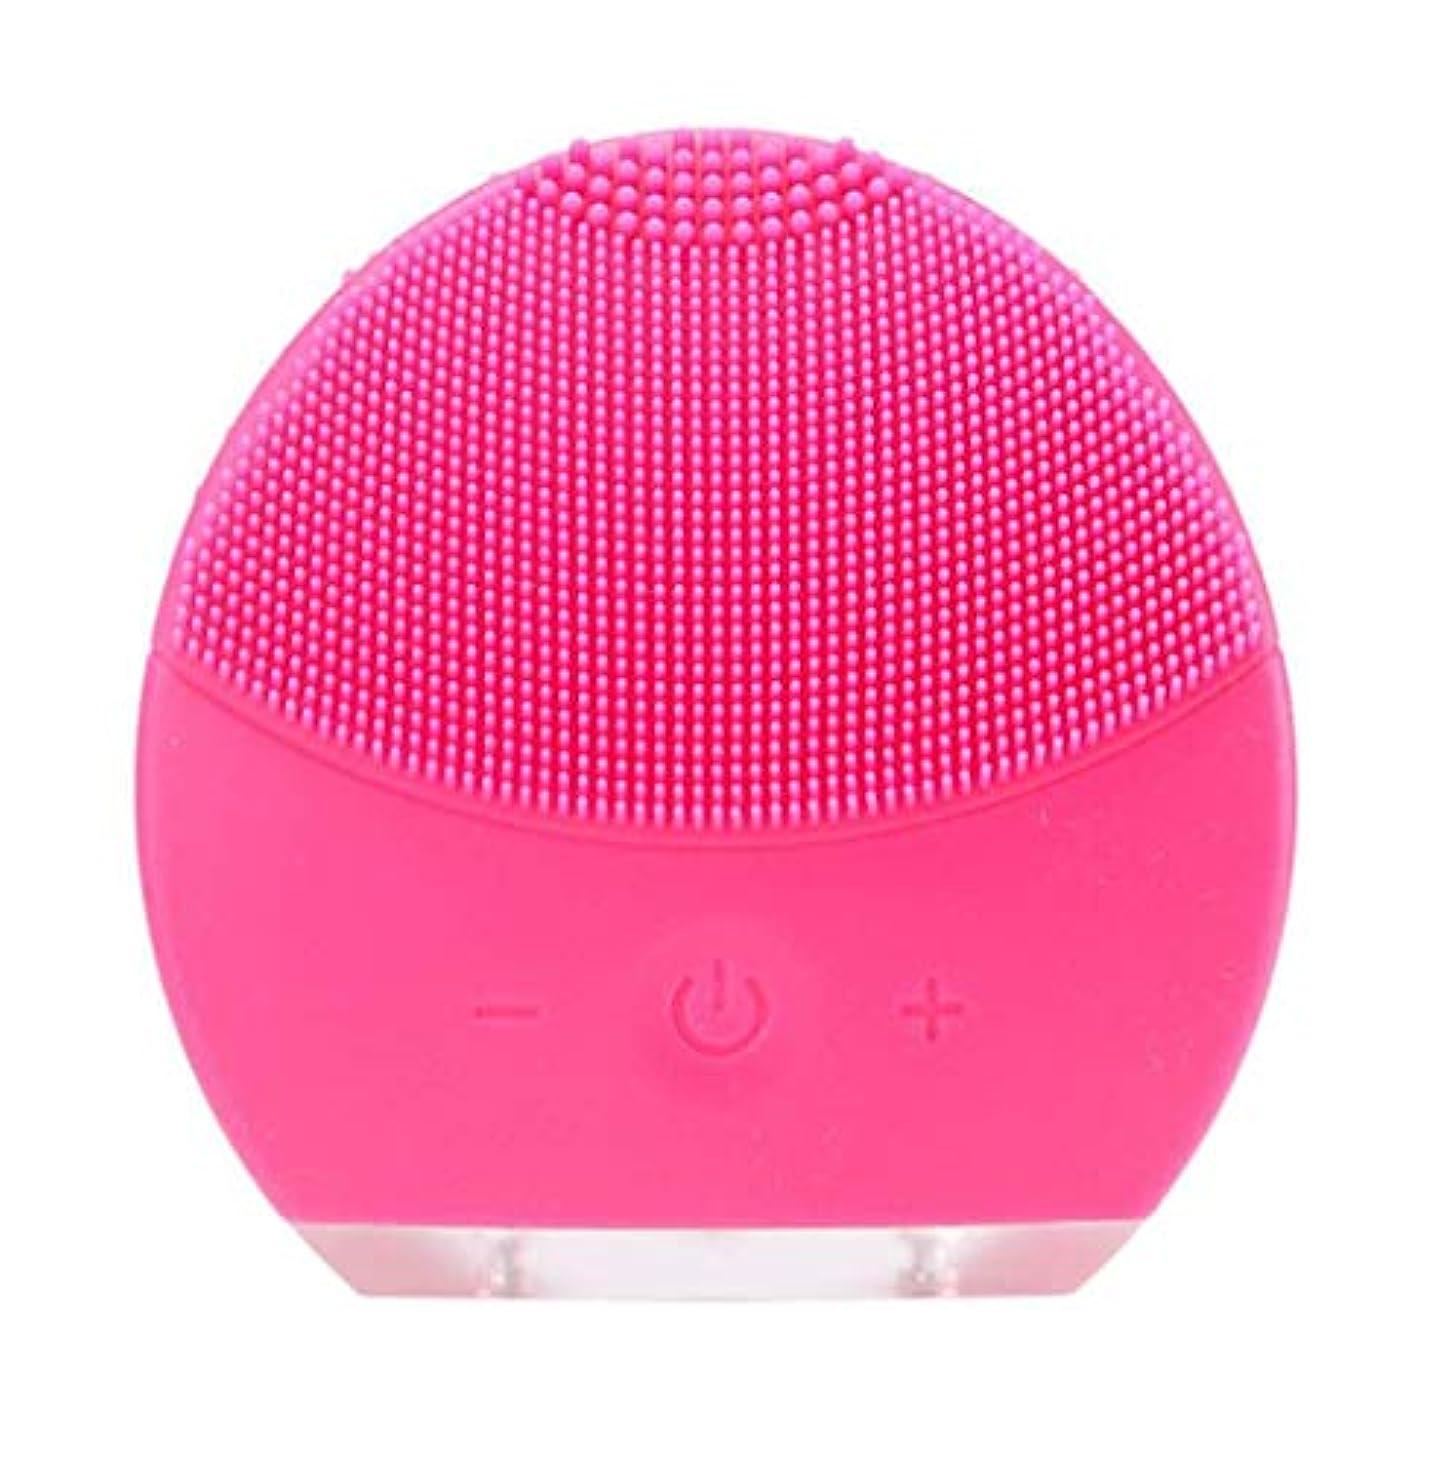 おもちゃにぎやかベット超音波振動美容機器洗浄器、皮膚の毛穴を最小限に抑えるマイクロダーマブレーション毛穴、USB 充電と防水,Rosered